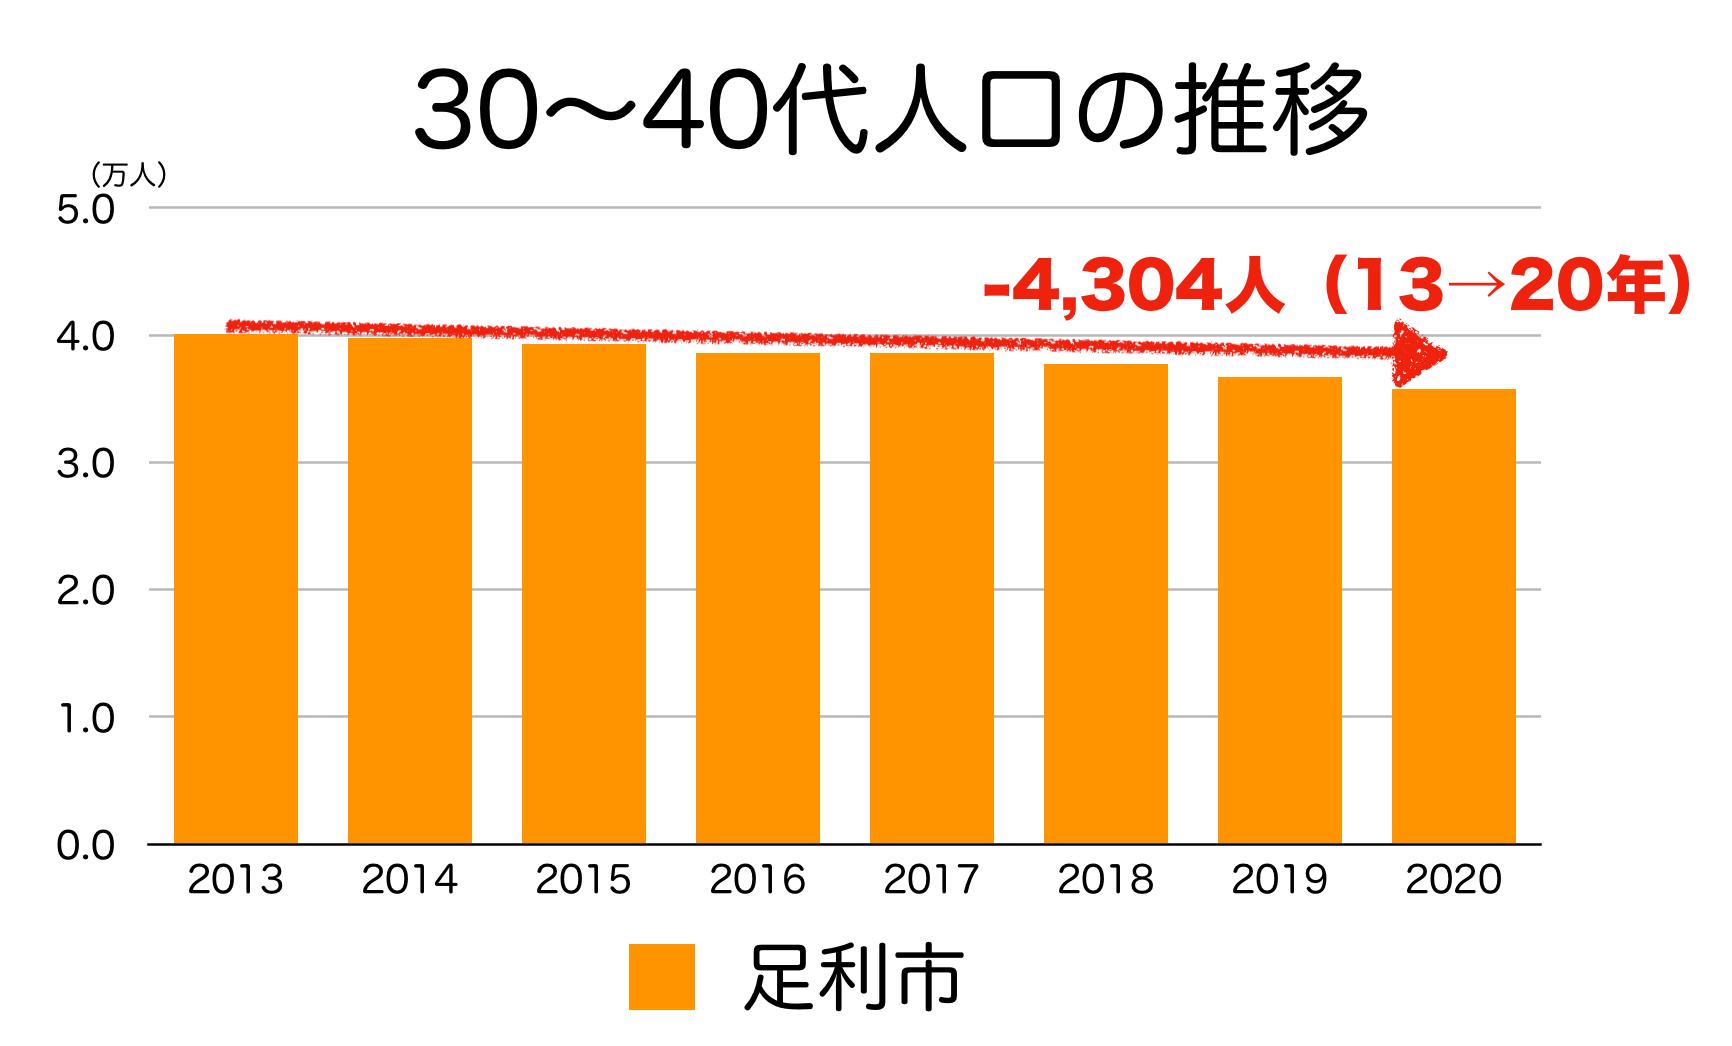 足利市の30〜40代人口の推移